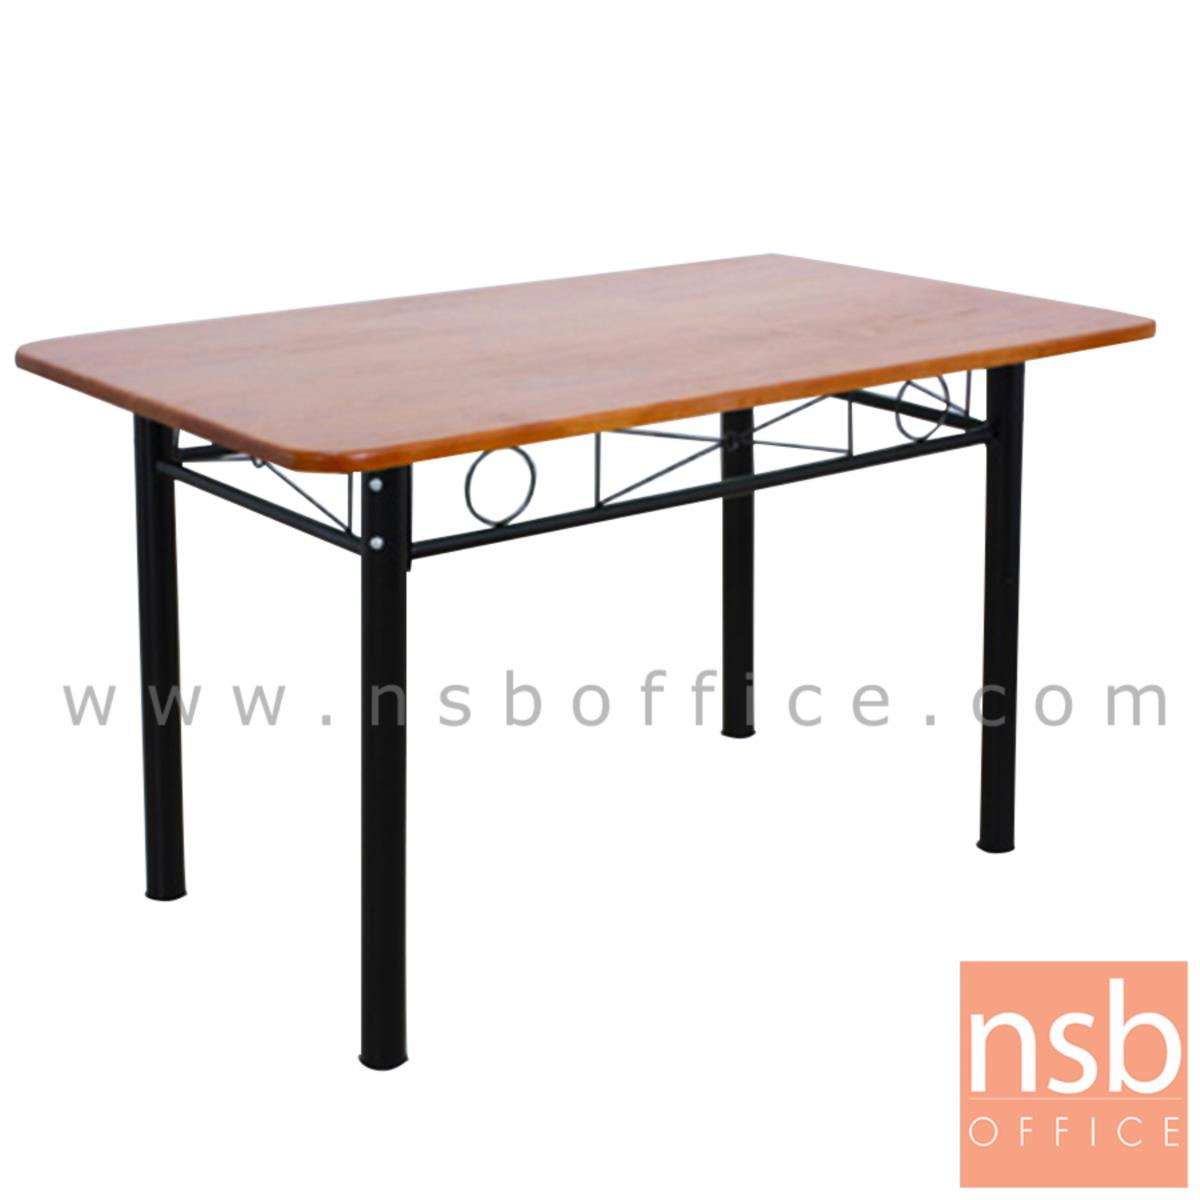 A14A246:โต๊ะหน้าไม้ยางพารา รุ่น Baylee (เบย์ลี) ขนาด  120W*75D cm ขาเหล็ก